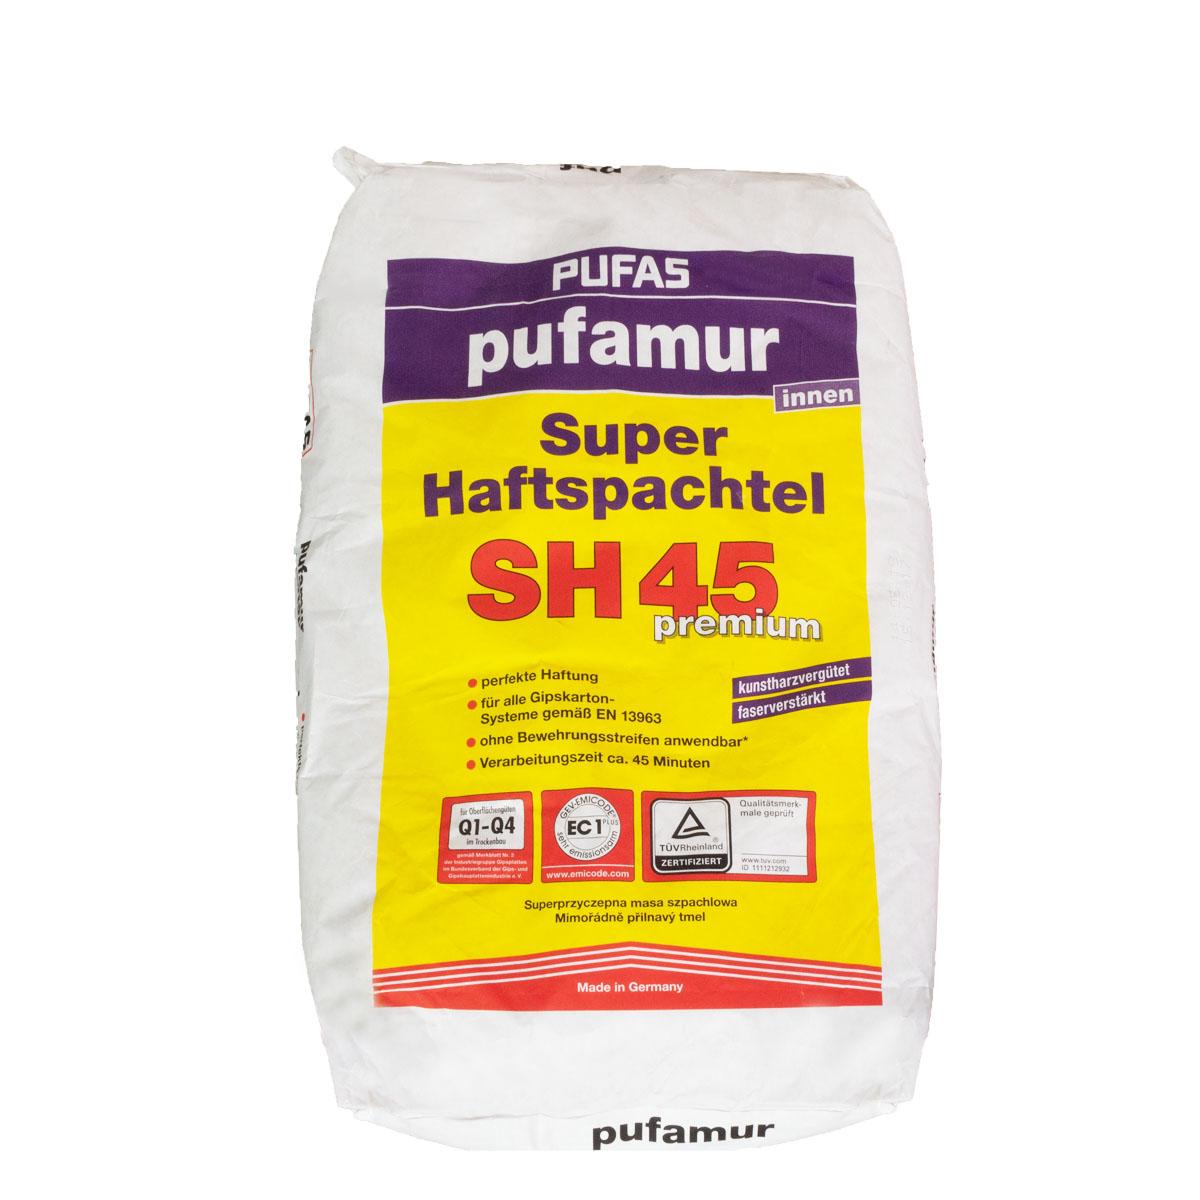 Pufas Pufamur Super-Haftspachtel SH45,versch. Größen, kunstharzvergütet, Q1-Q4